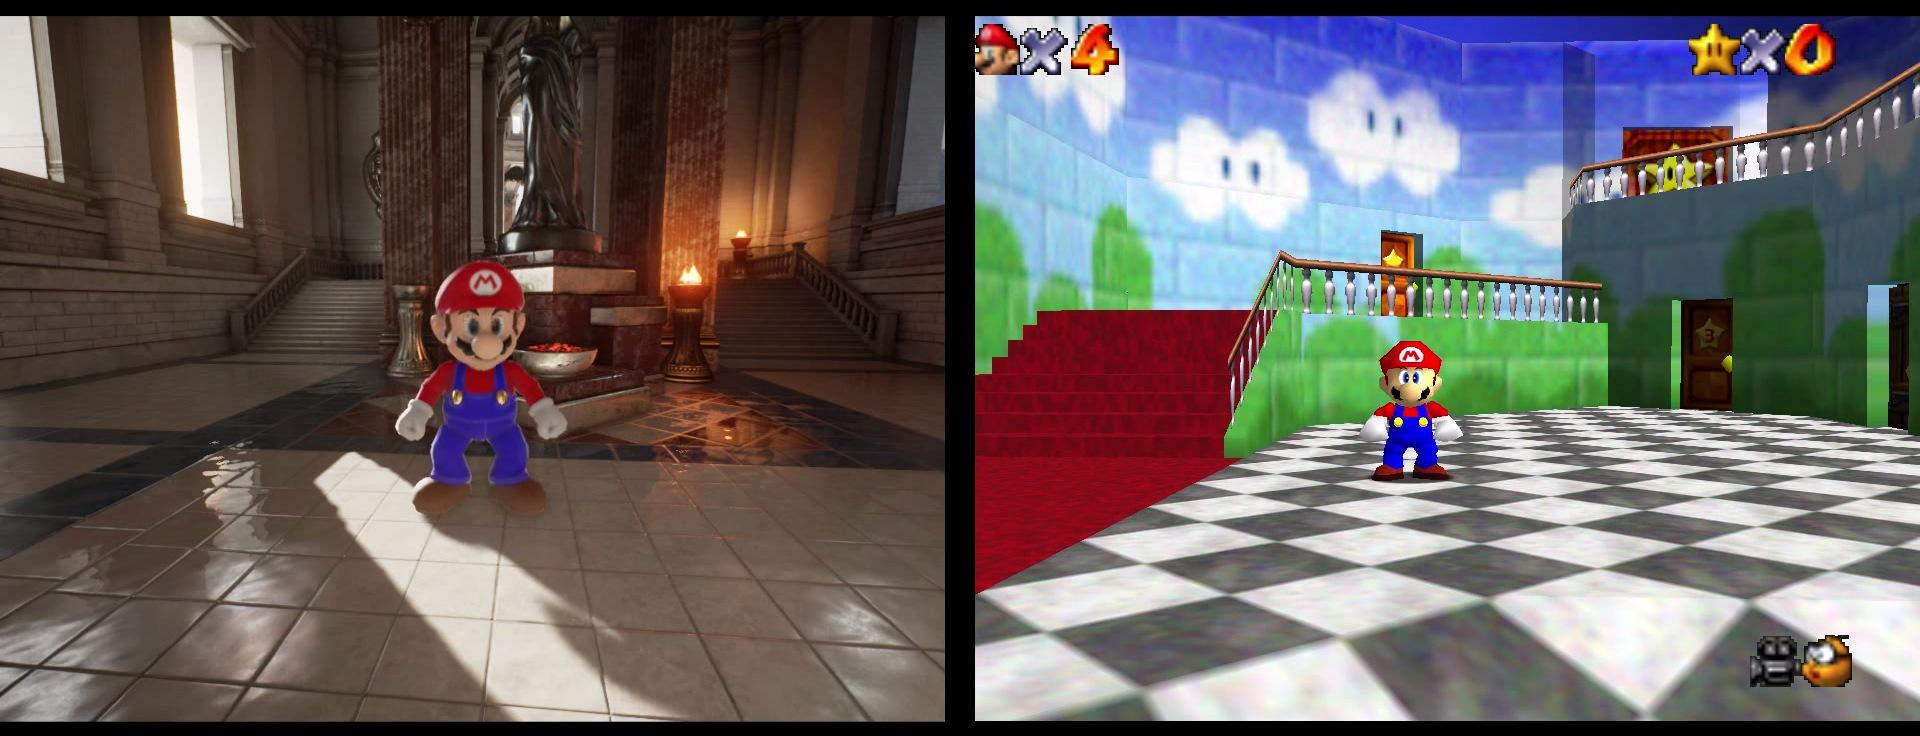 Super Mario unreal Engine 4 (3)